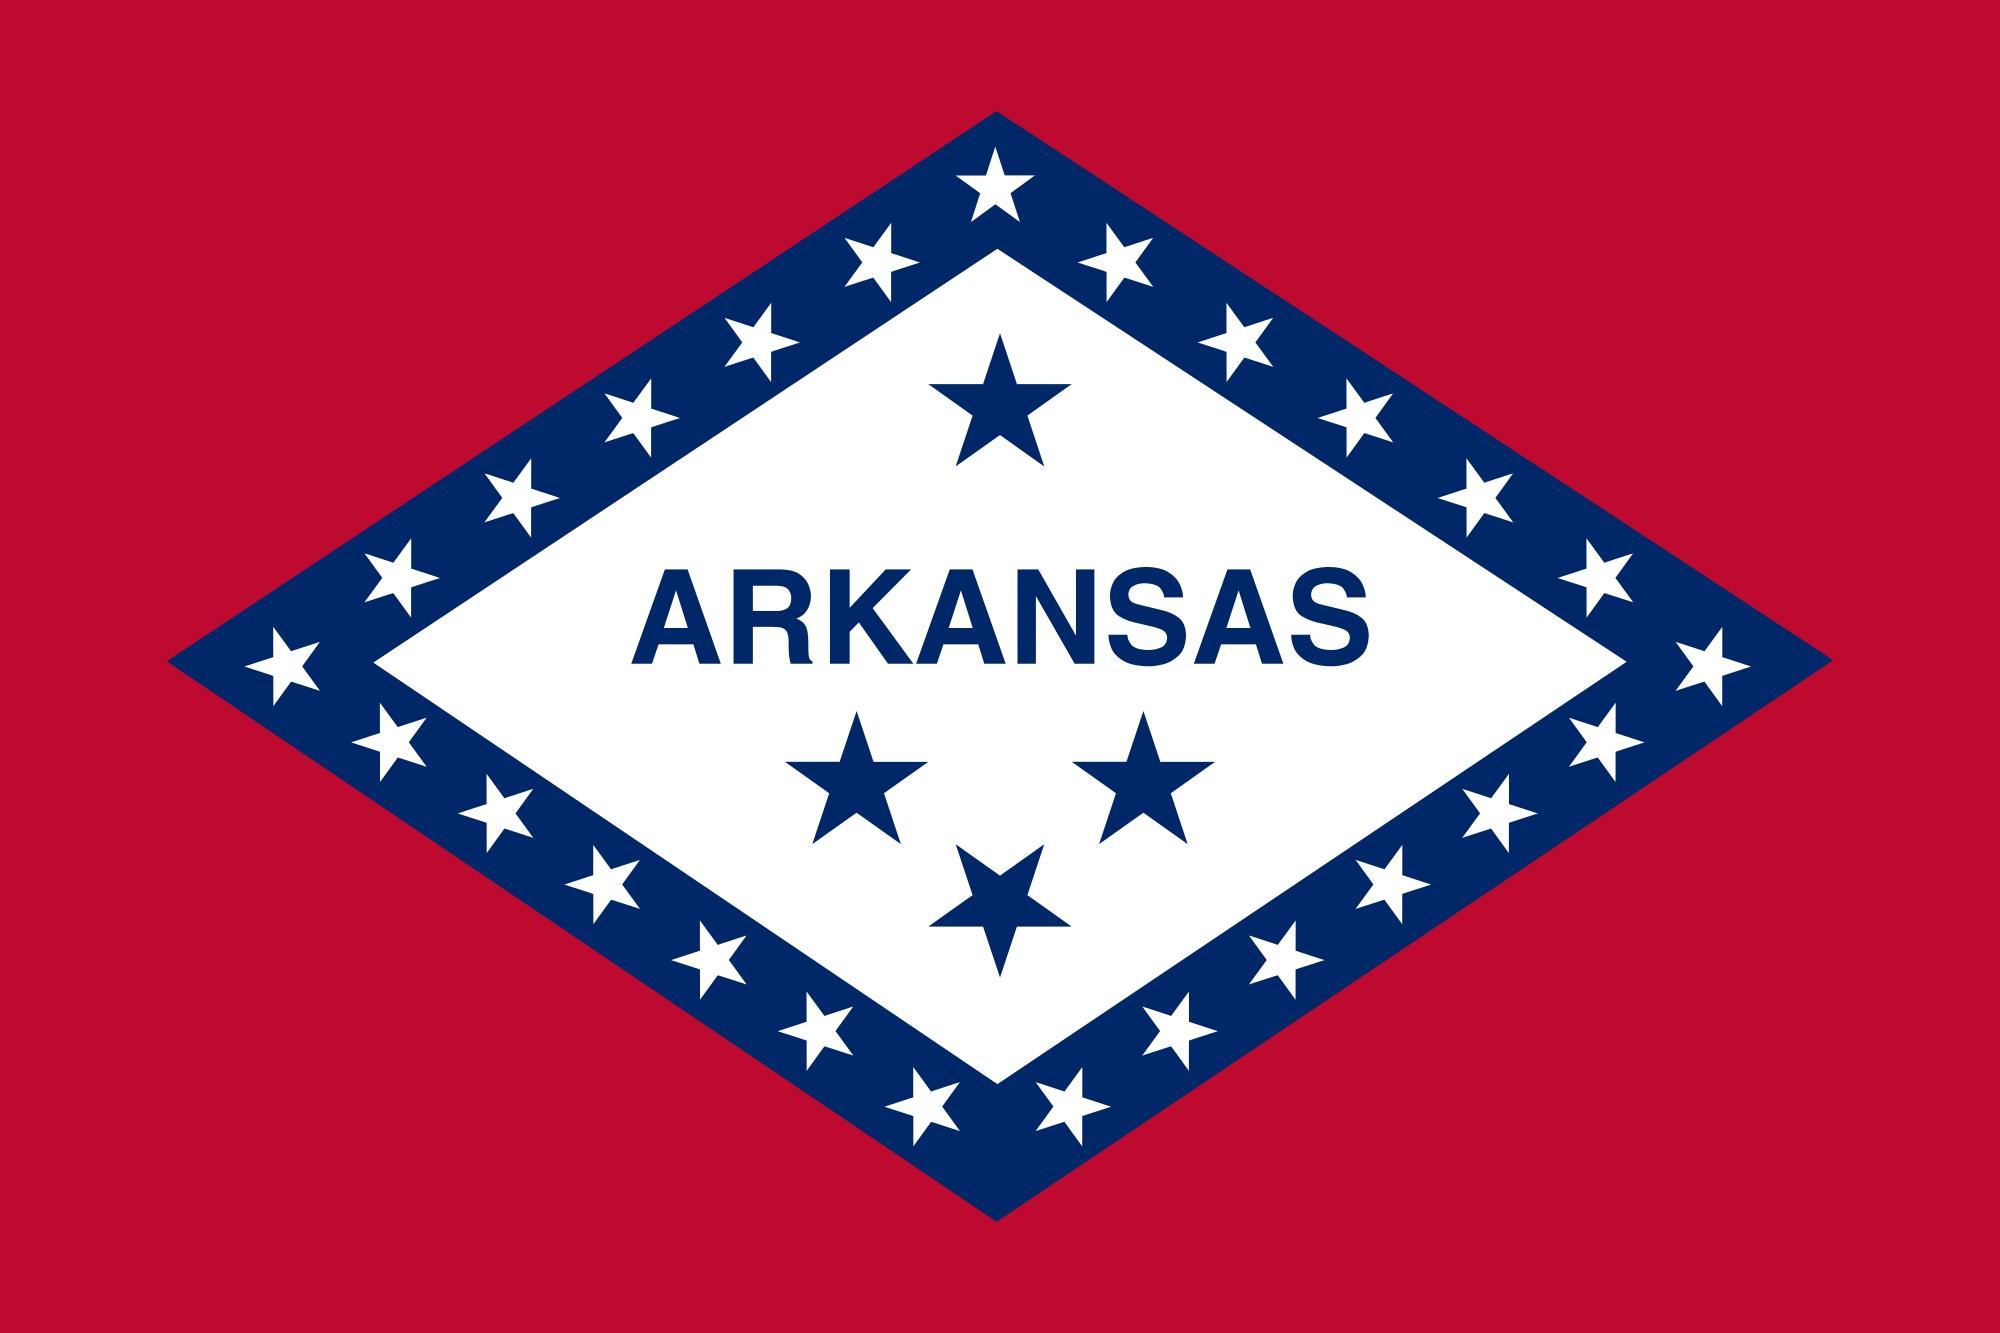 Arkansas svg #18, Download drawings